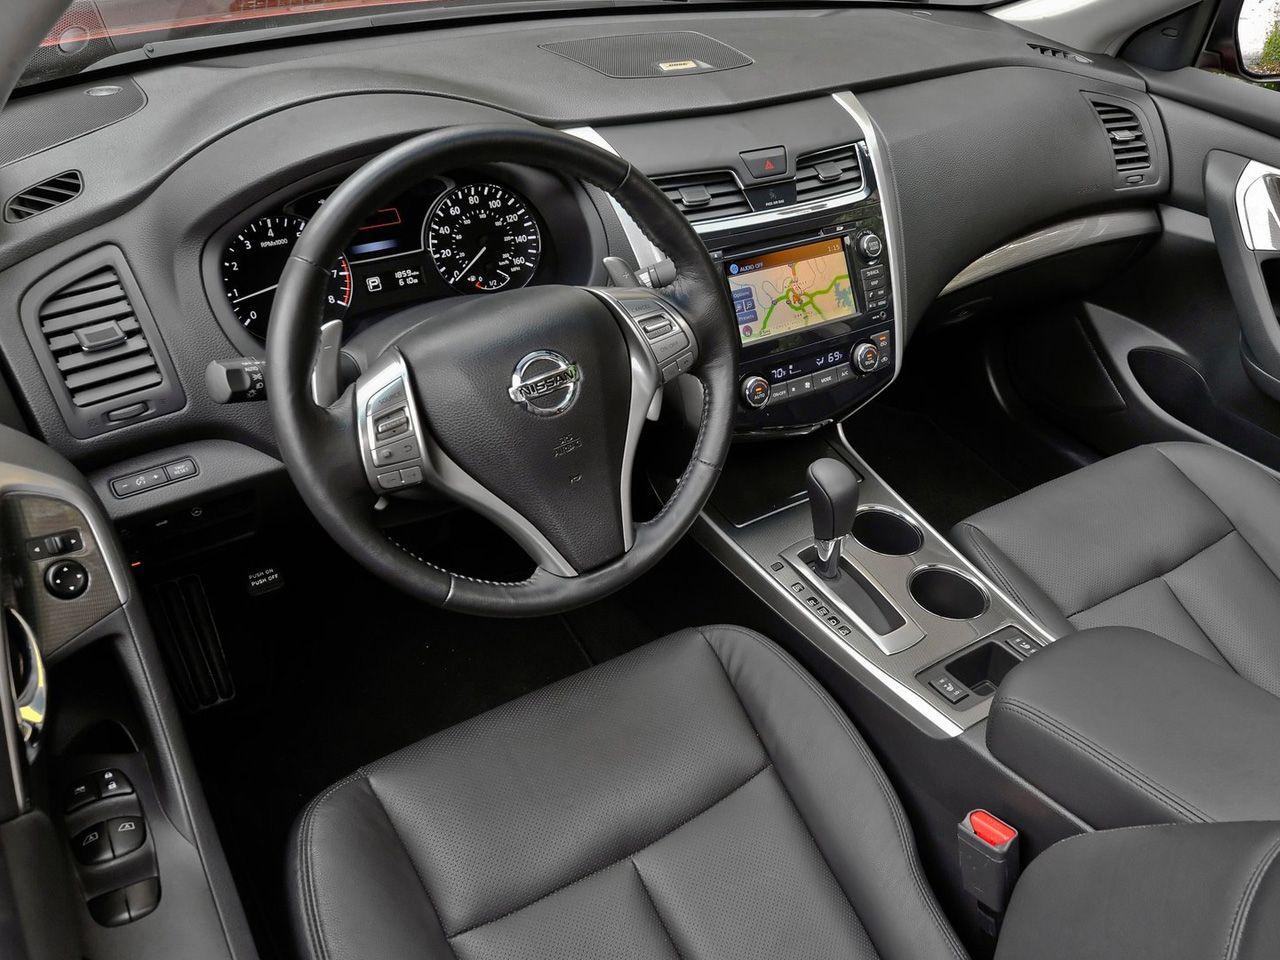 2006 Nissan Murano Interior Black   Google Search